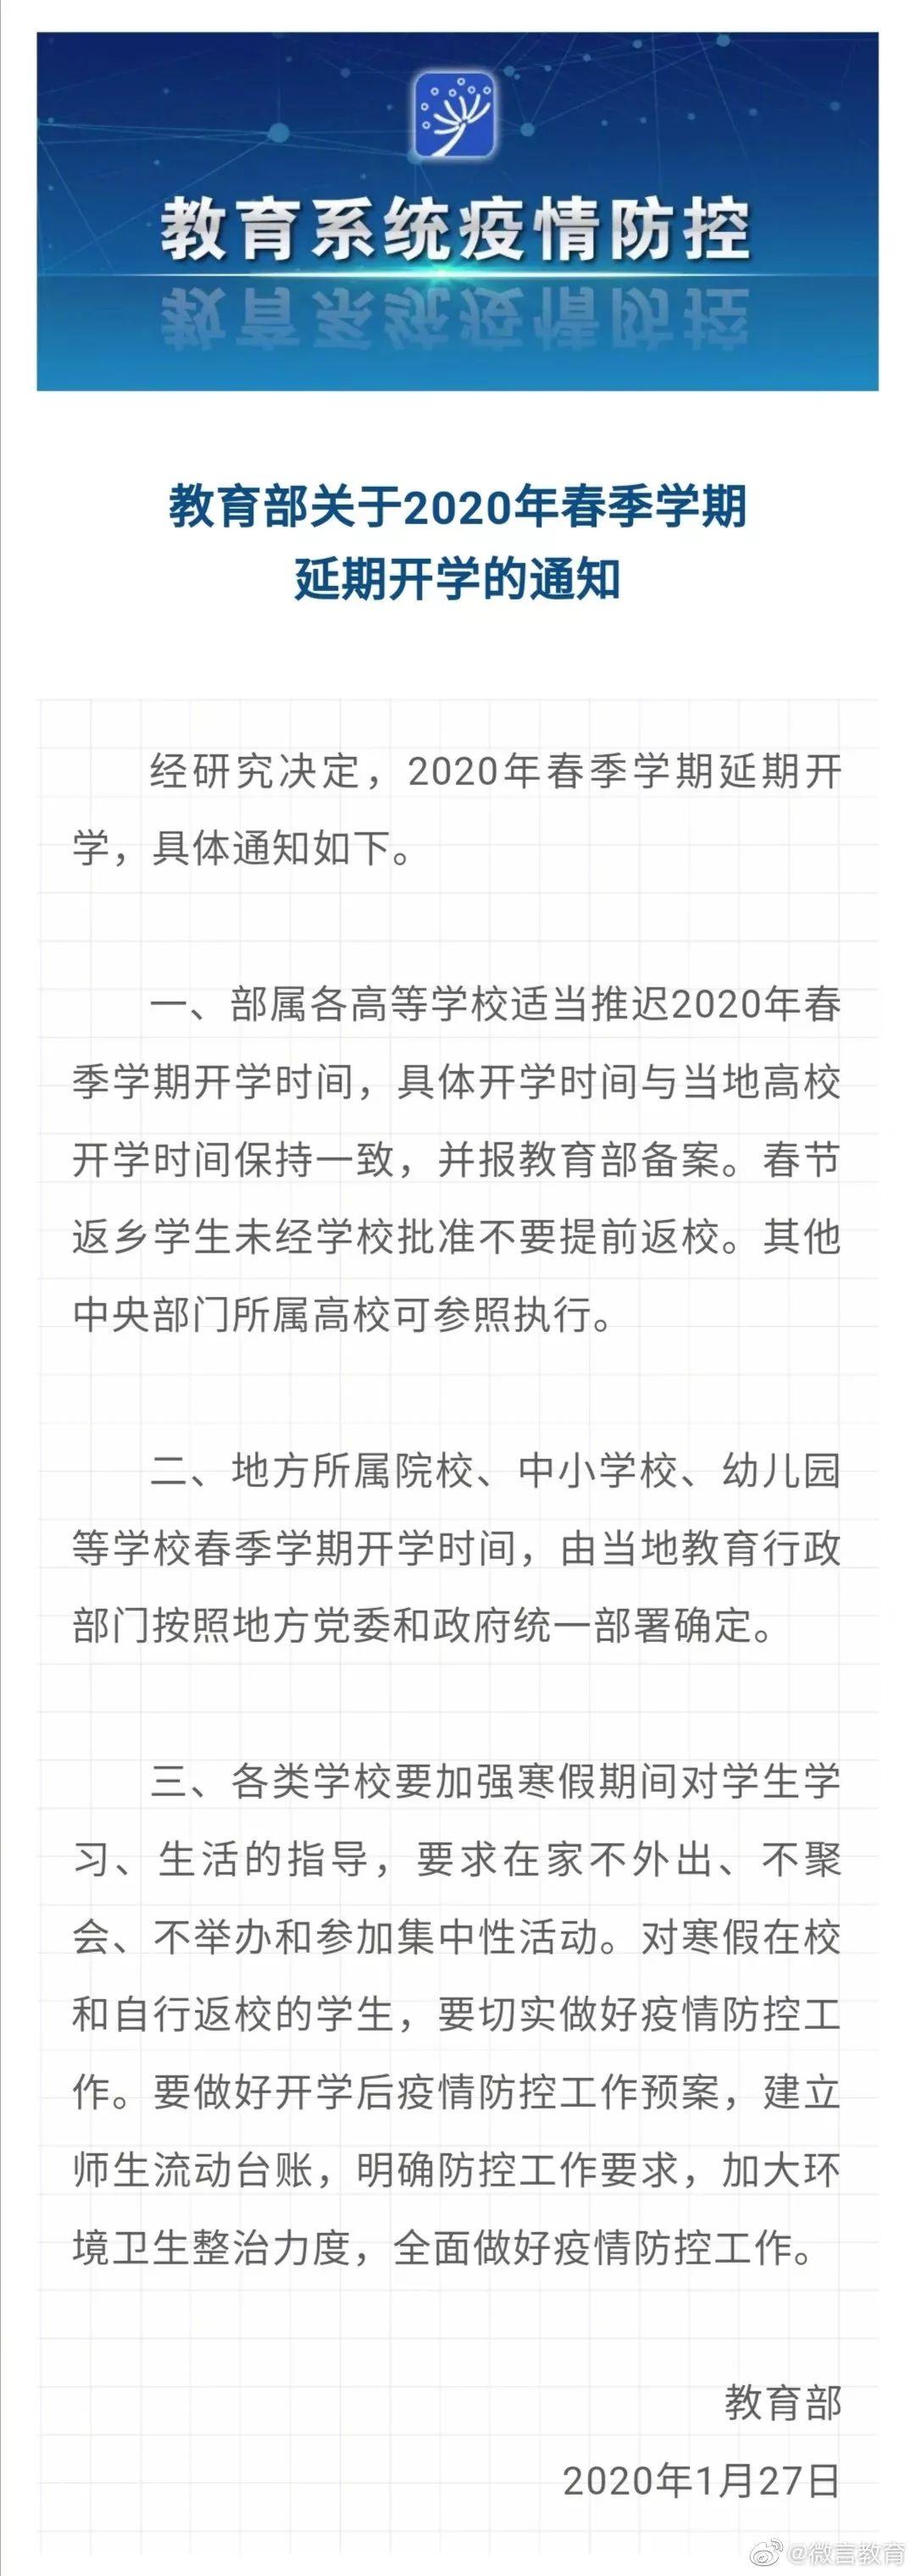 2020各地何时开学? 春季全国中小学开学时间河南广西江苏江西陕西湖南